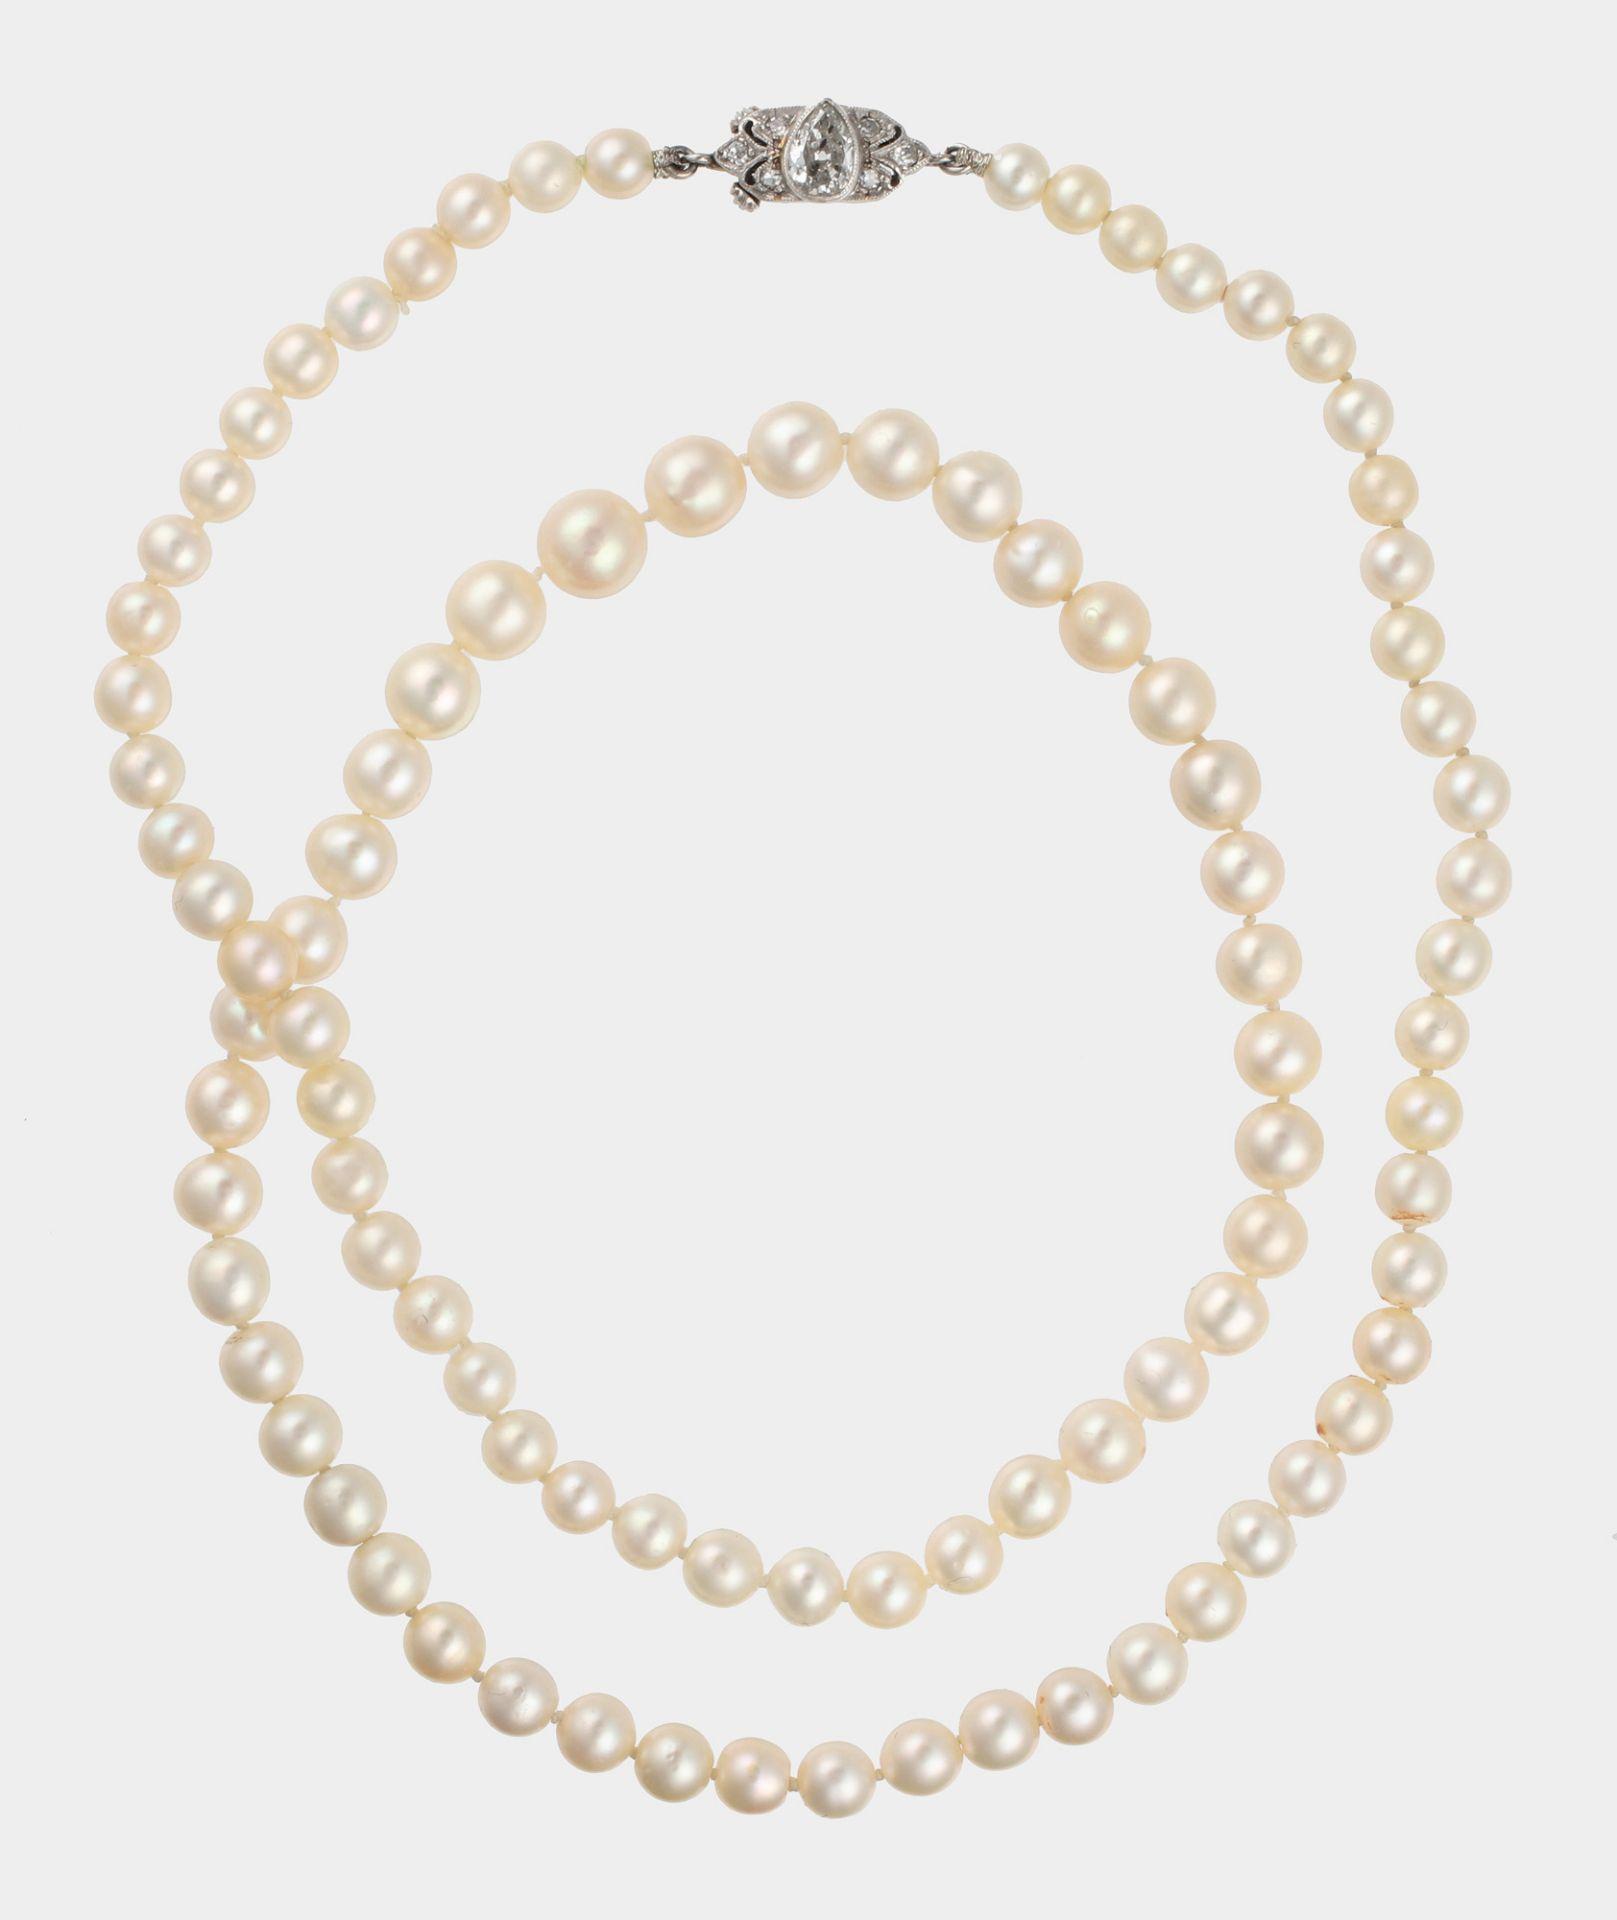 Perlcollier, um 1910, aus 92 natürlichen Perlen im Verlauf